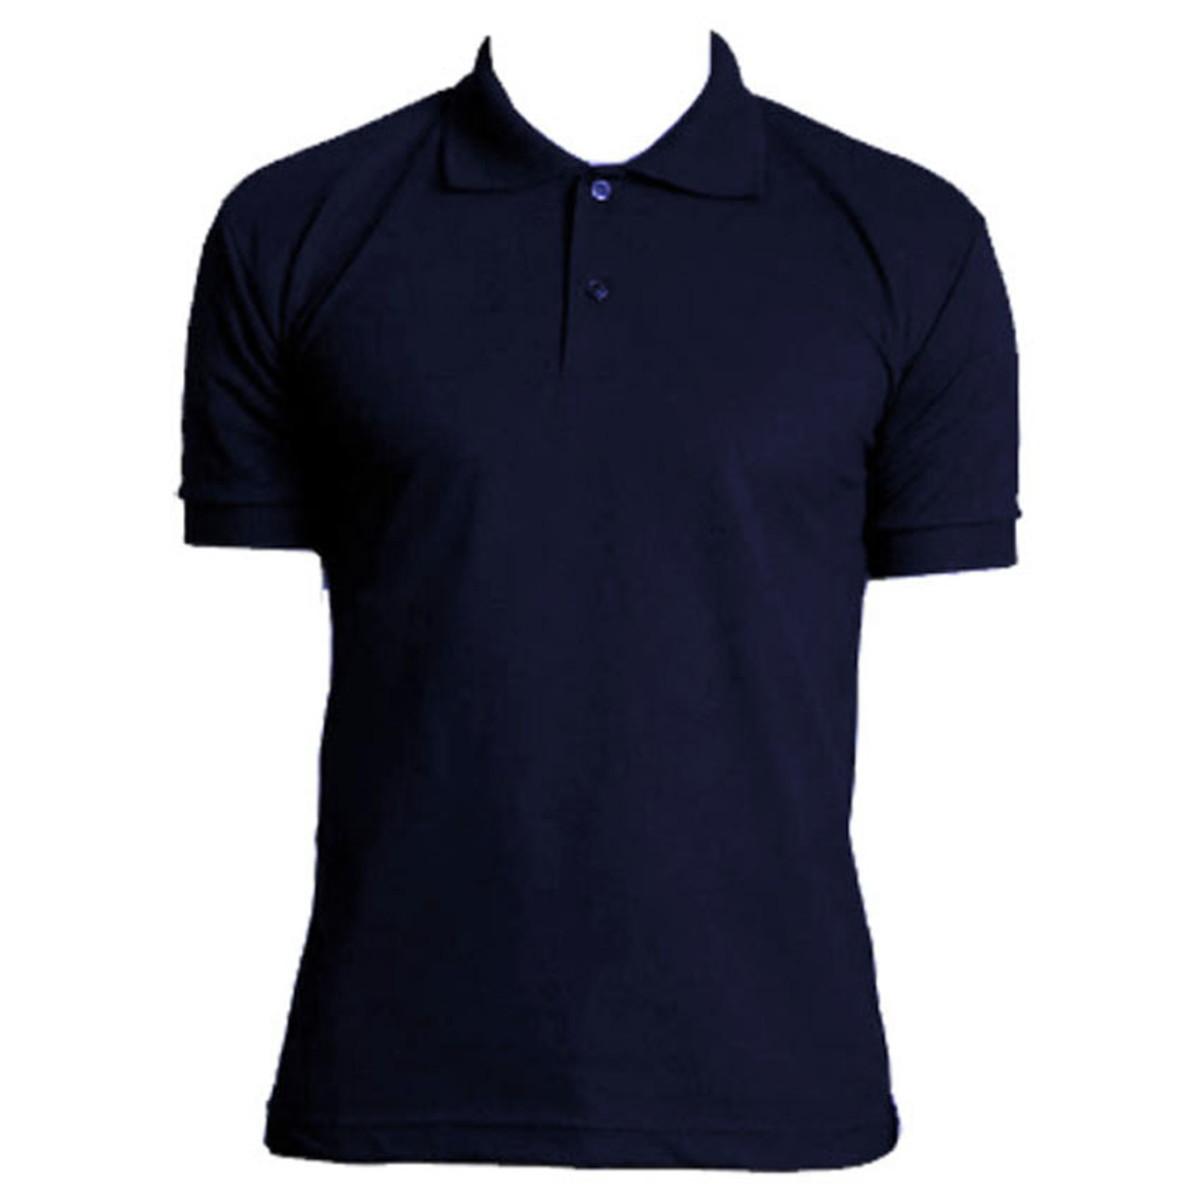 a2f832b4da Camisa Polo Masculino Azul Marinho Masson no Elo7